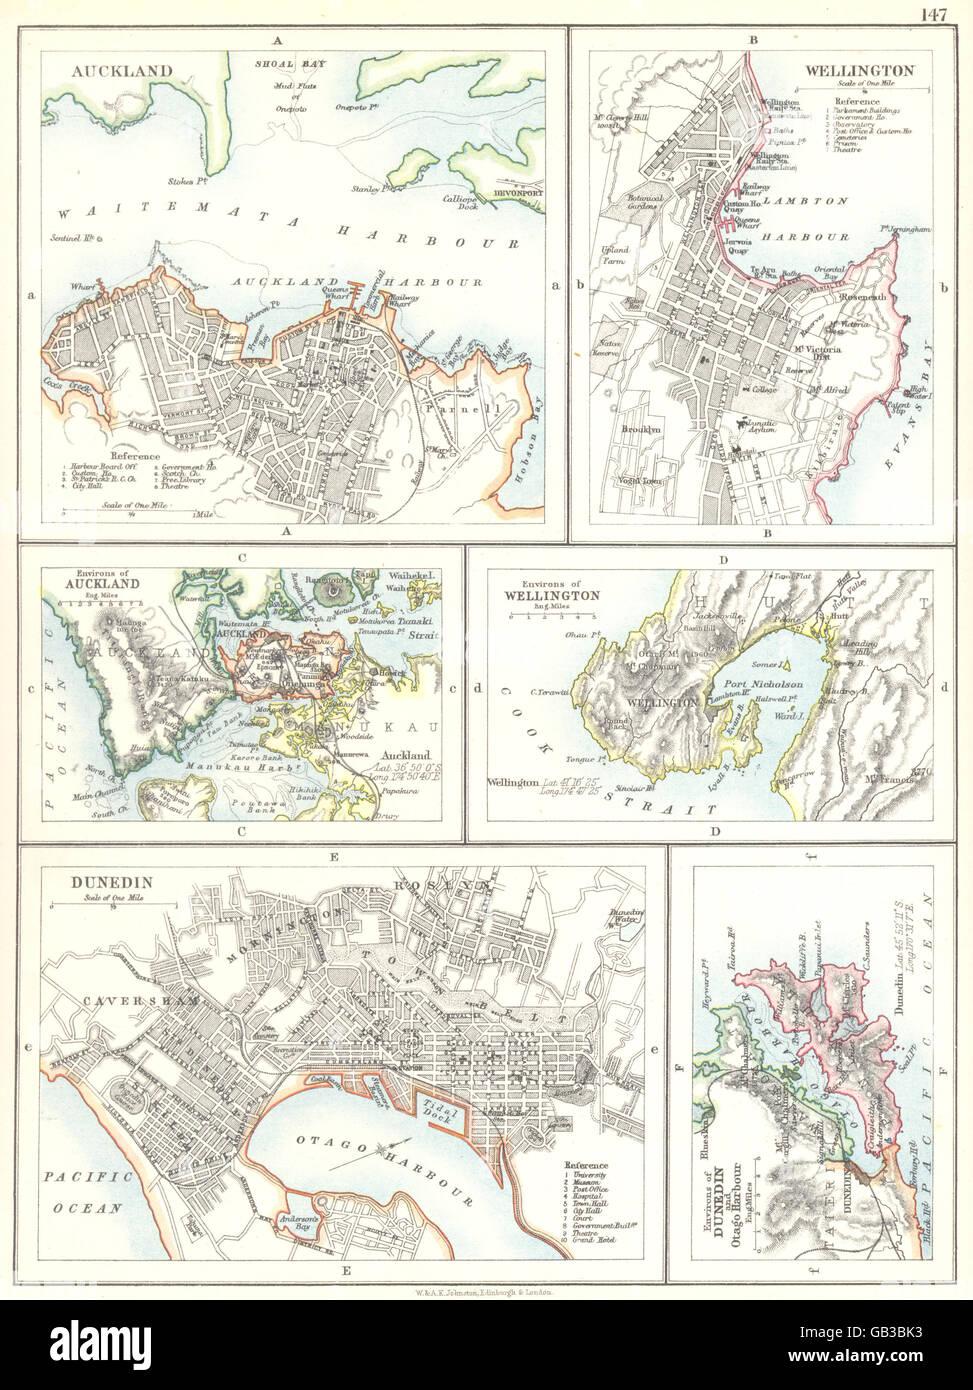 New Zealand Cities Map.New Zealand Cities Auckland Wellington Dunedin Otago Harbour 1897